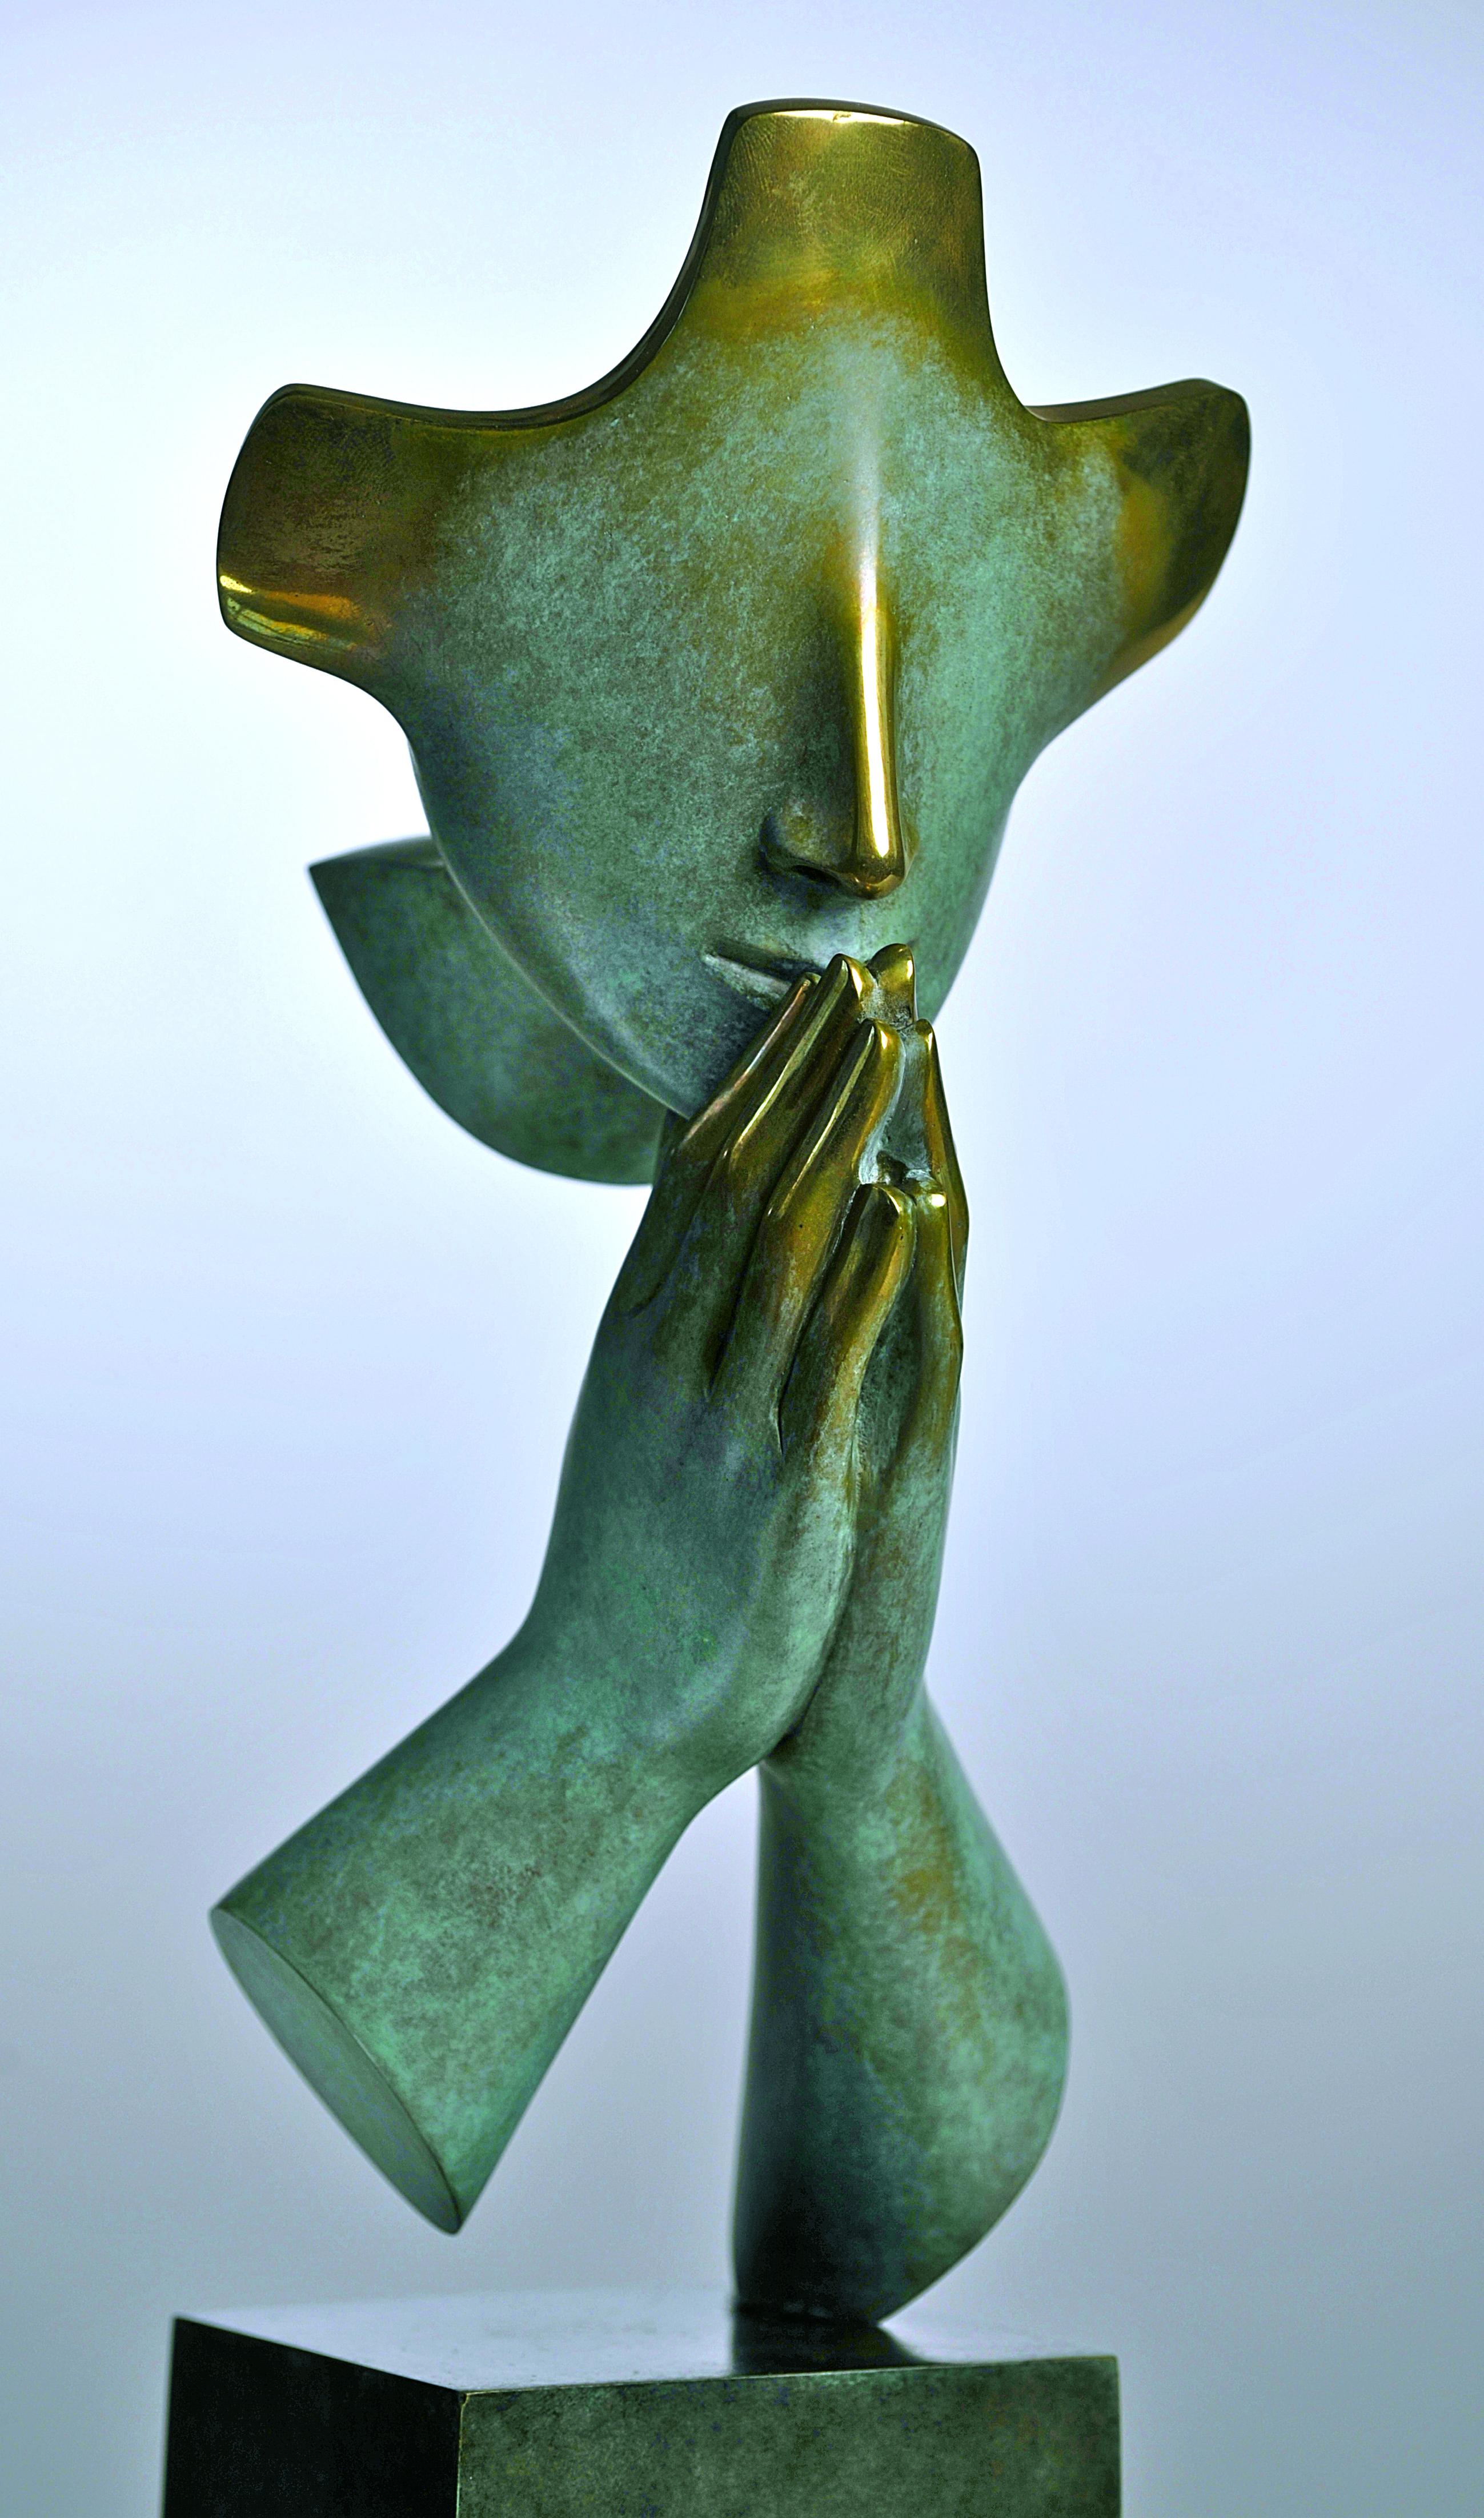 'Het kleine gebed' van Etienne Pirot, zoon van Arcabas, een andere geliefde kunstenaar van kardinaal Danneels. © Halewijn